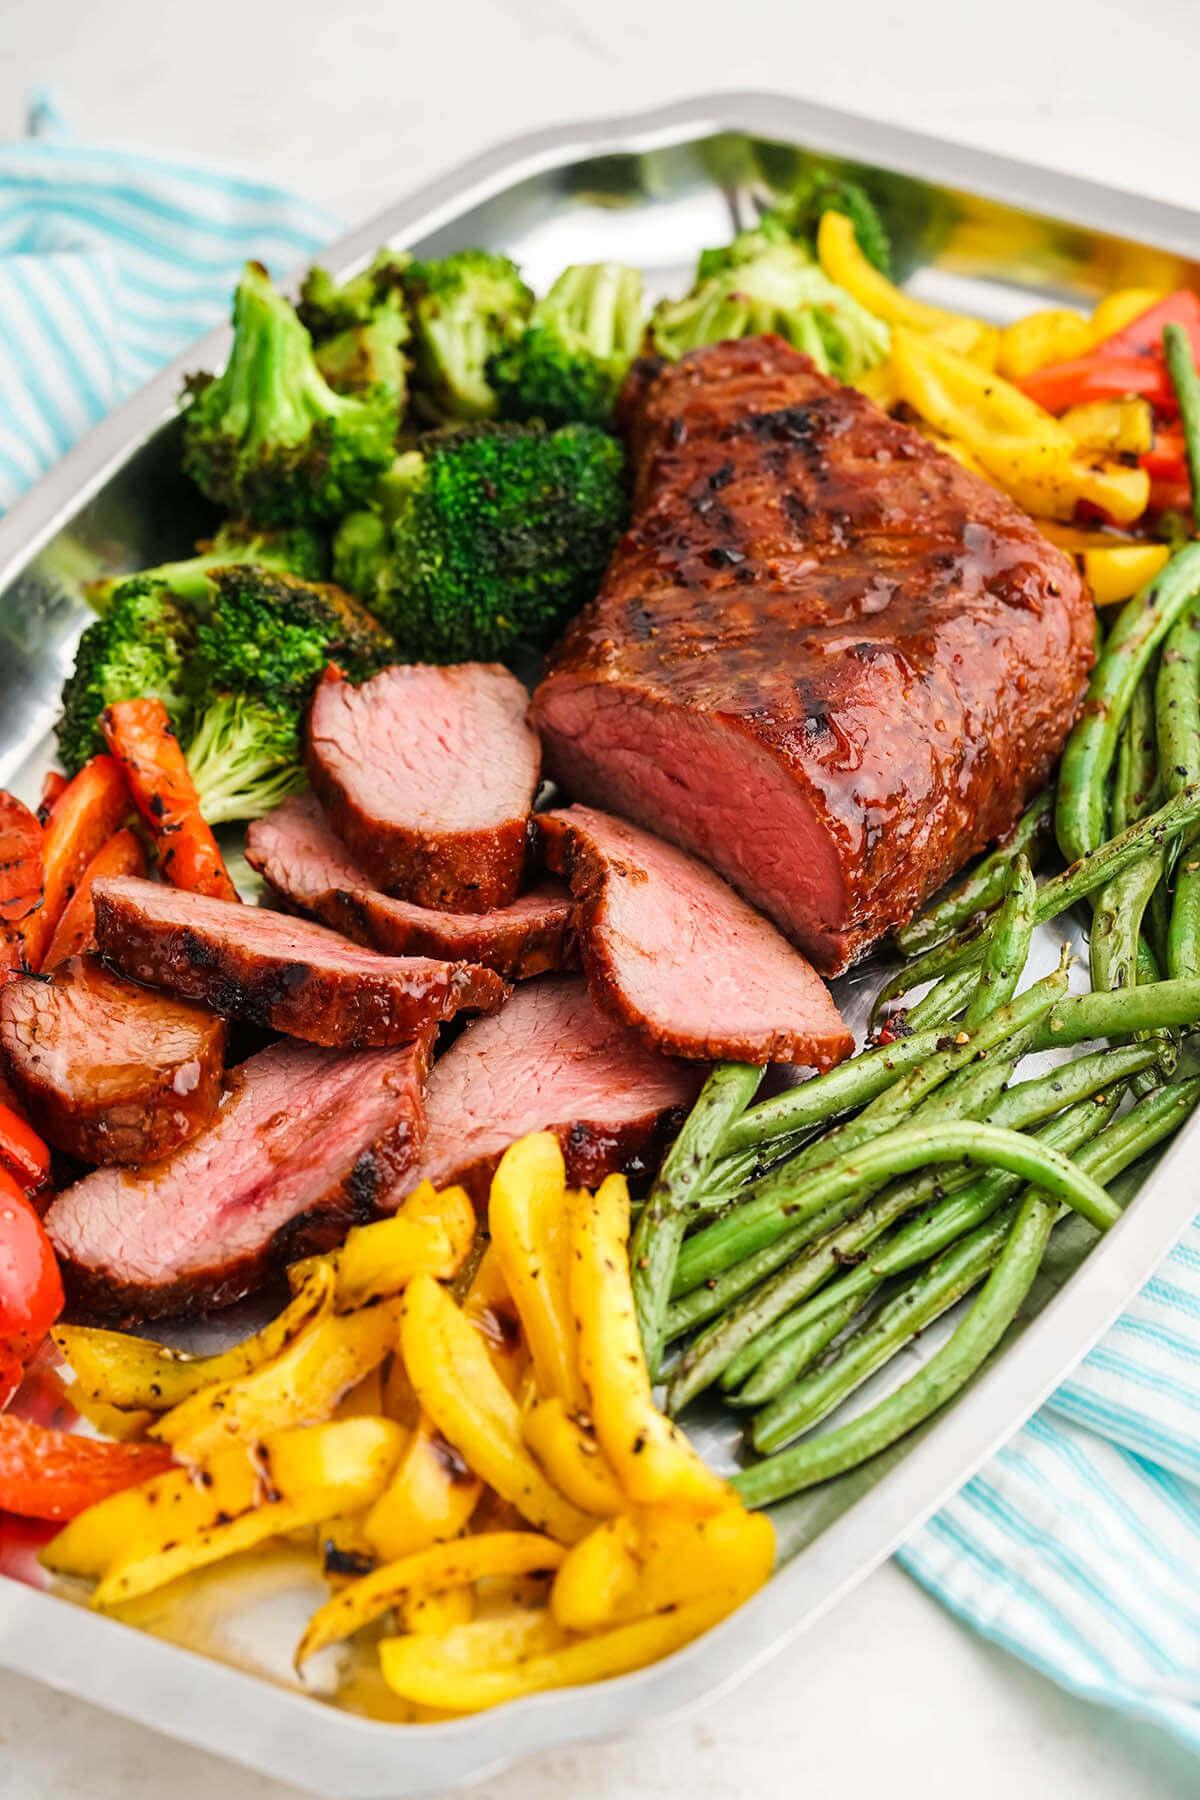 Sliced grilled steak on platter surrounded by grilled vegetables.